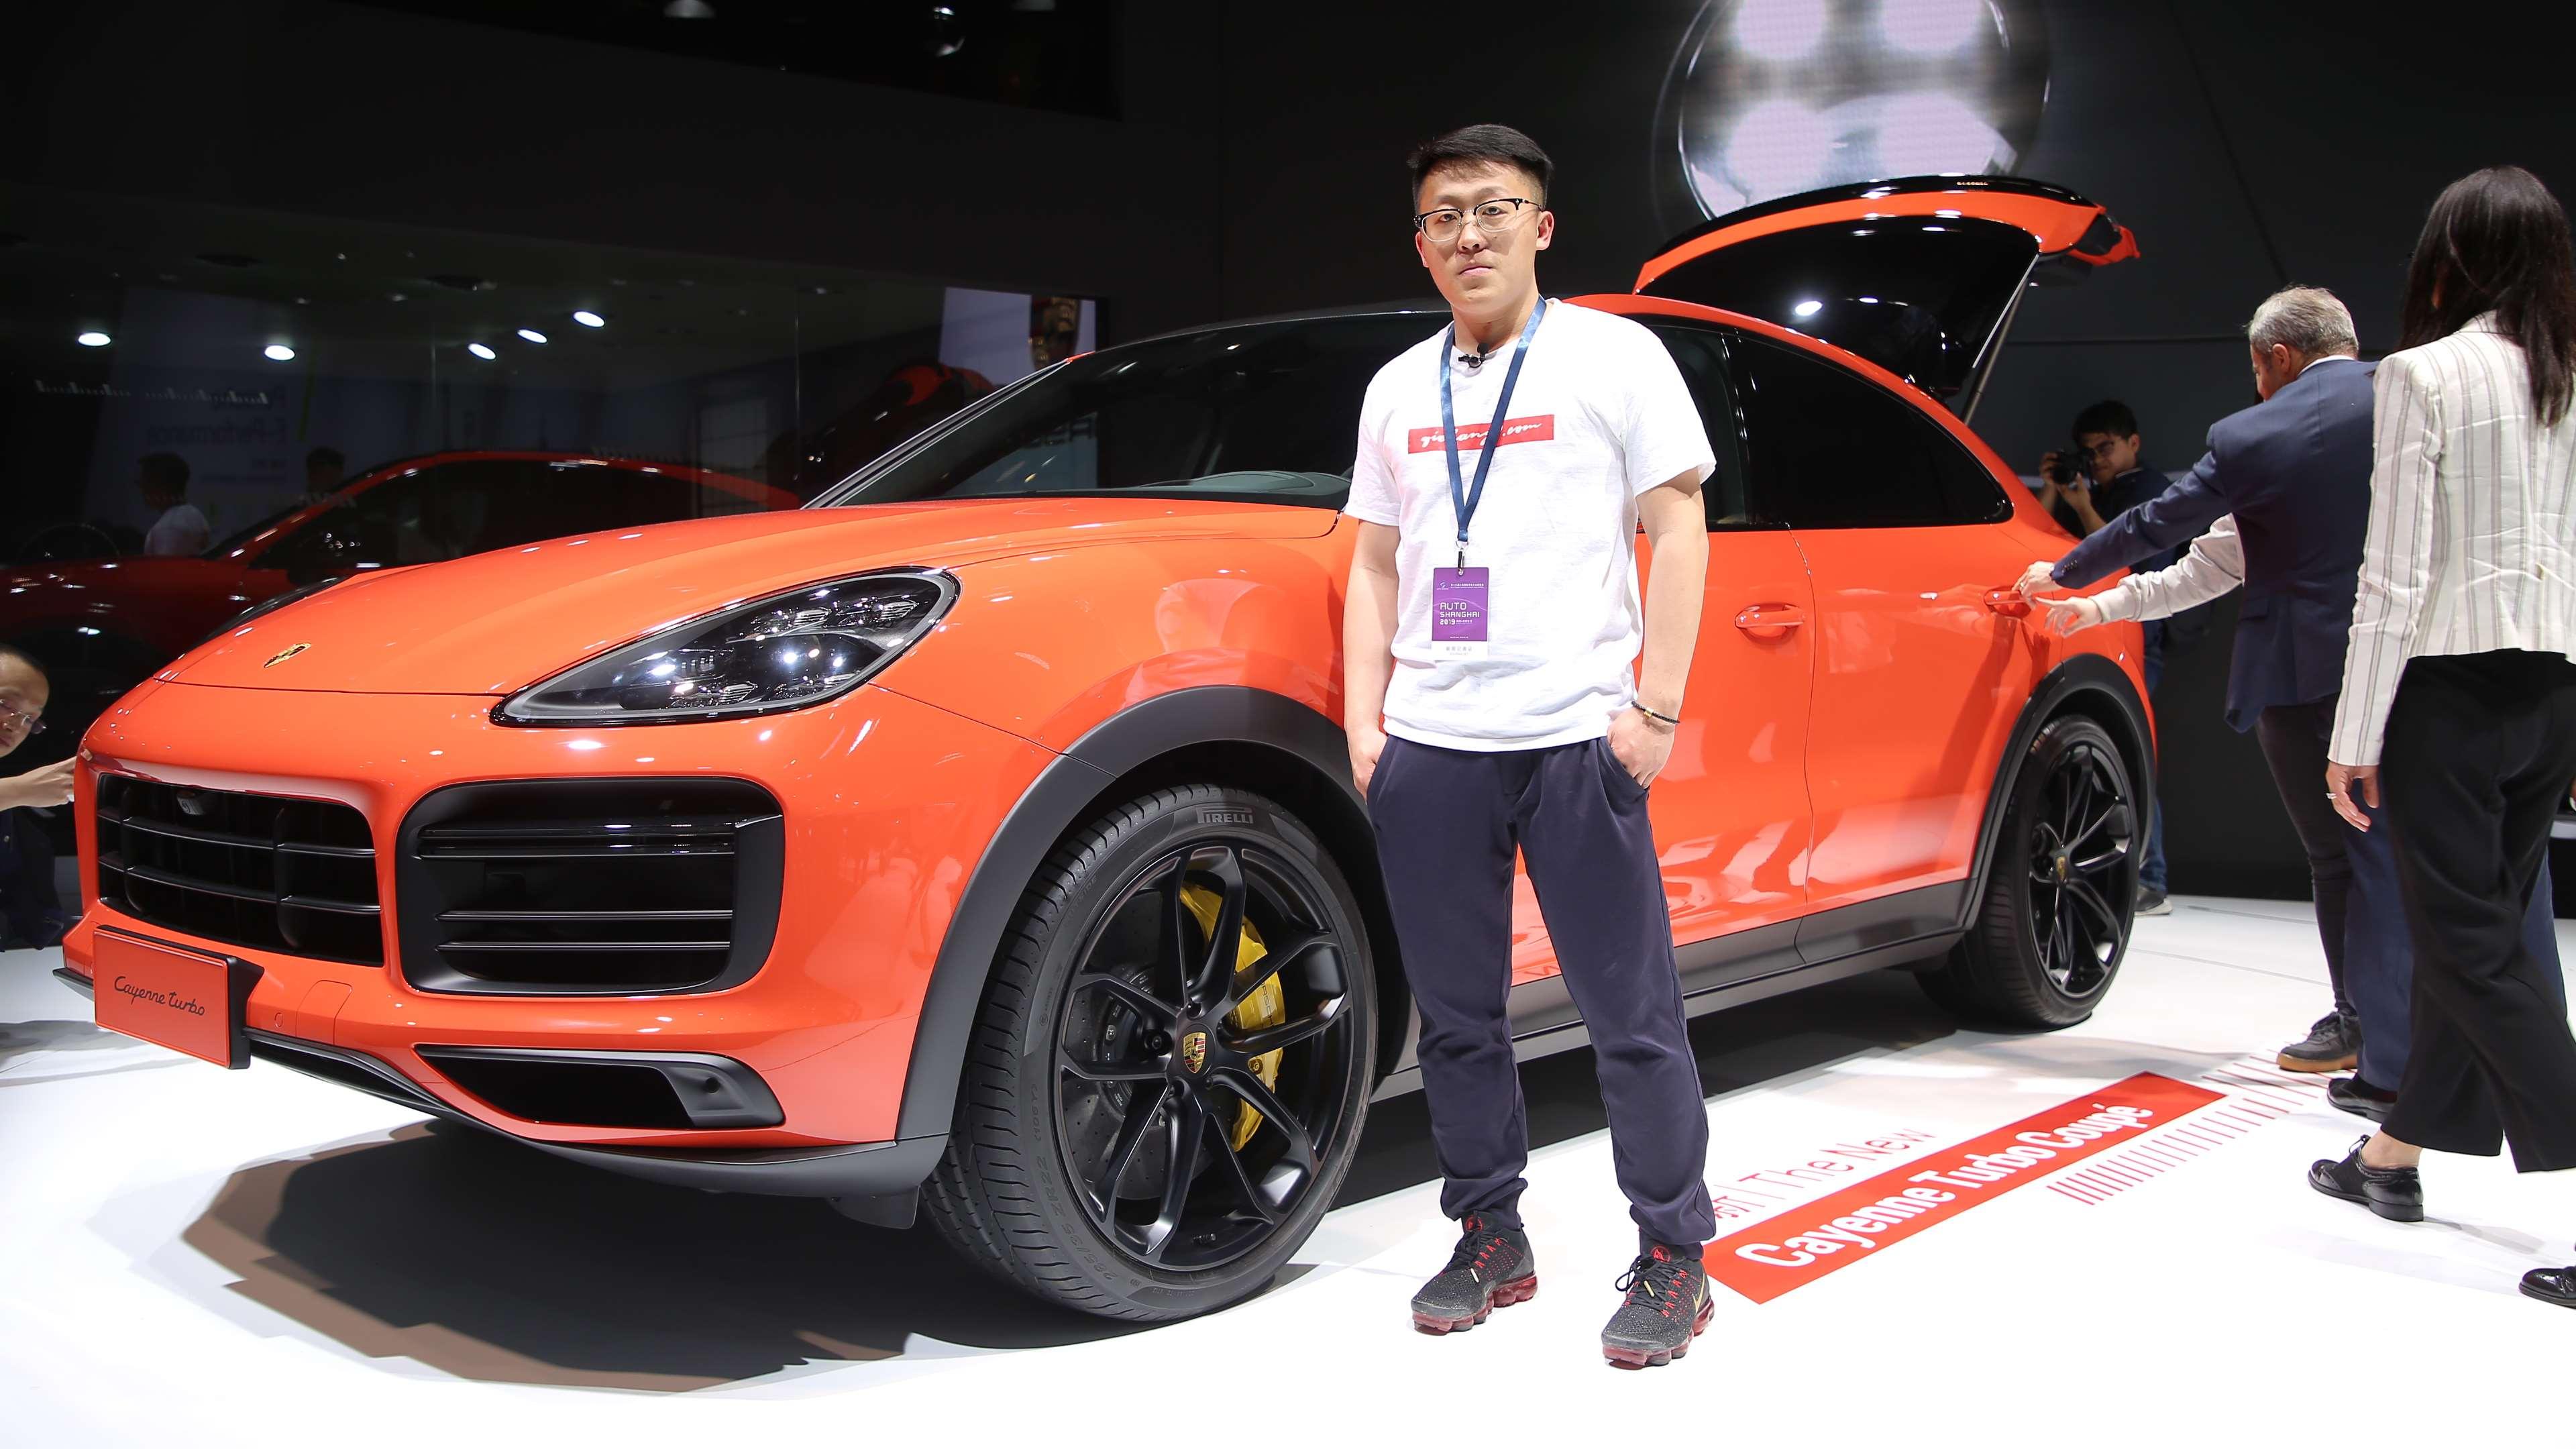 95后看新车:忘掉宝马X6 卡宴COUPE上海车展首发